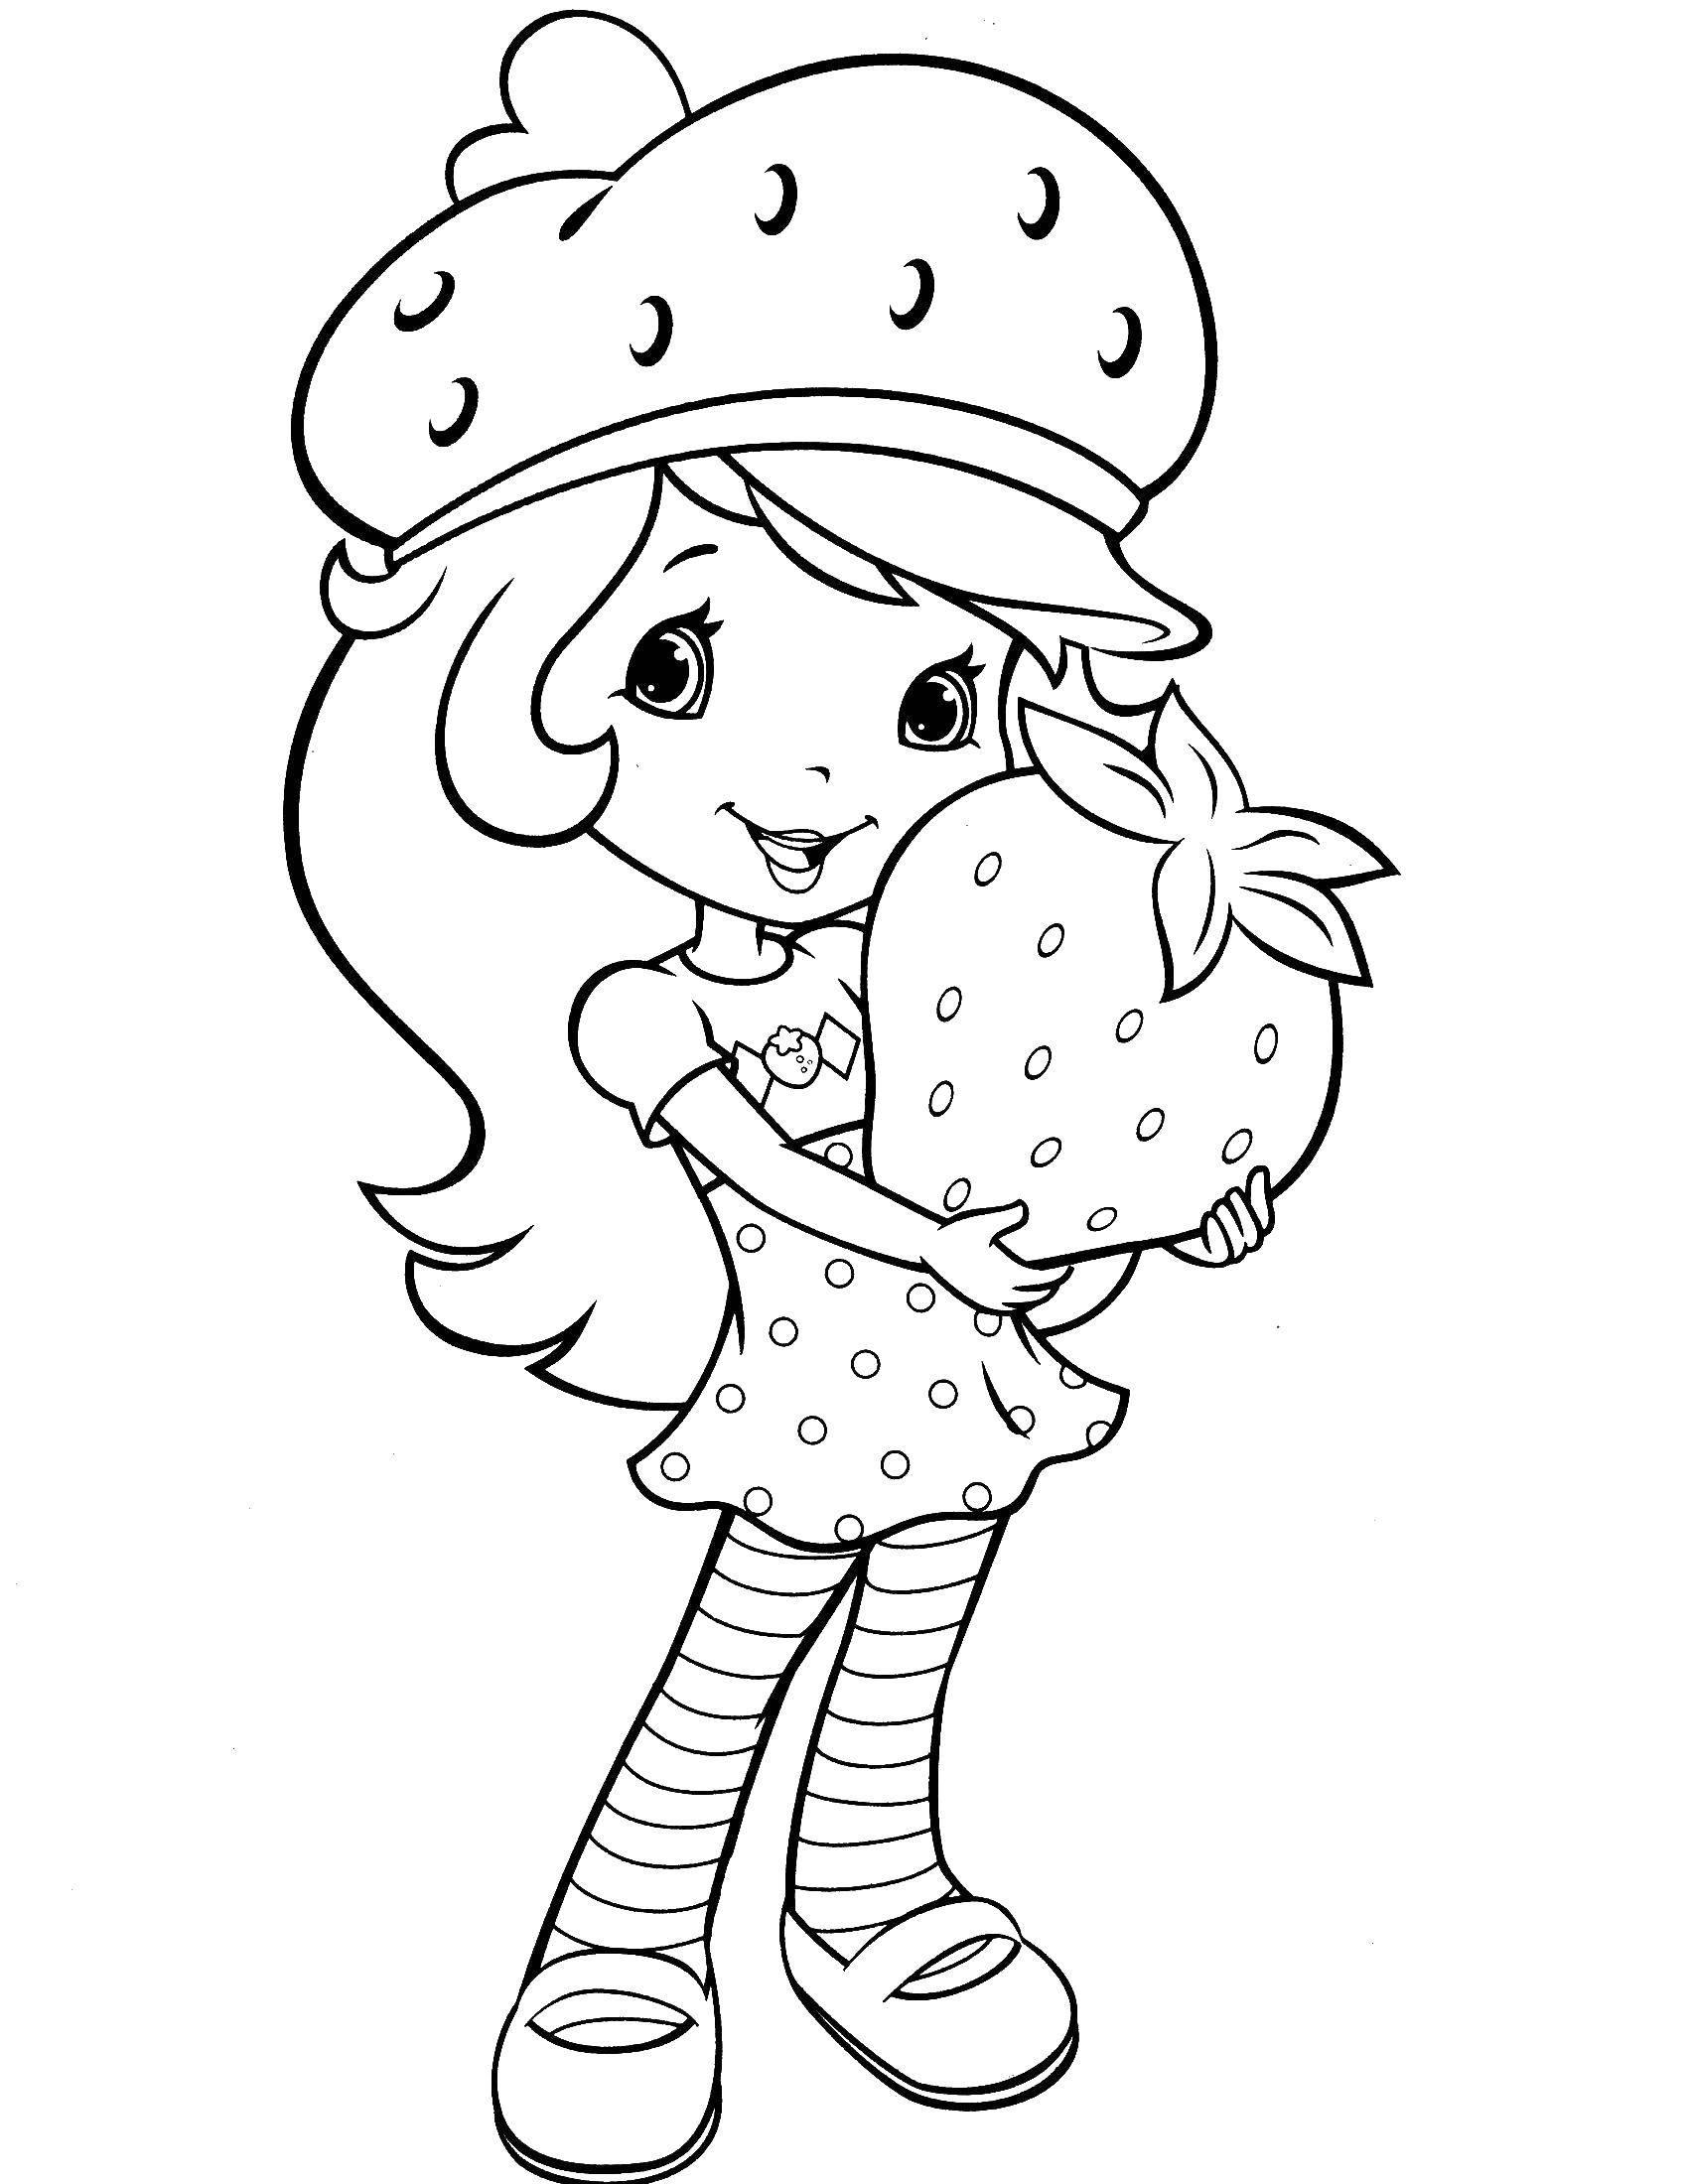 Раскраска Шарлотта земляничка с клубничкой Скачать шарлотта, земляничка, мультики.  Распечатать ,шарлотта земляничка мультики,